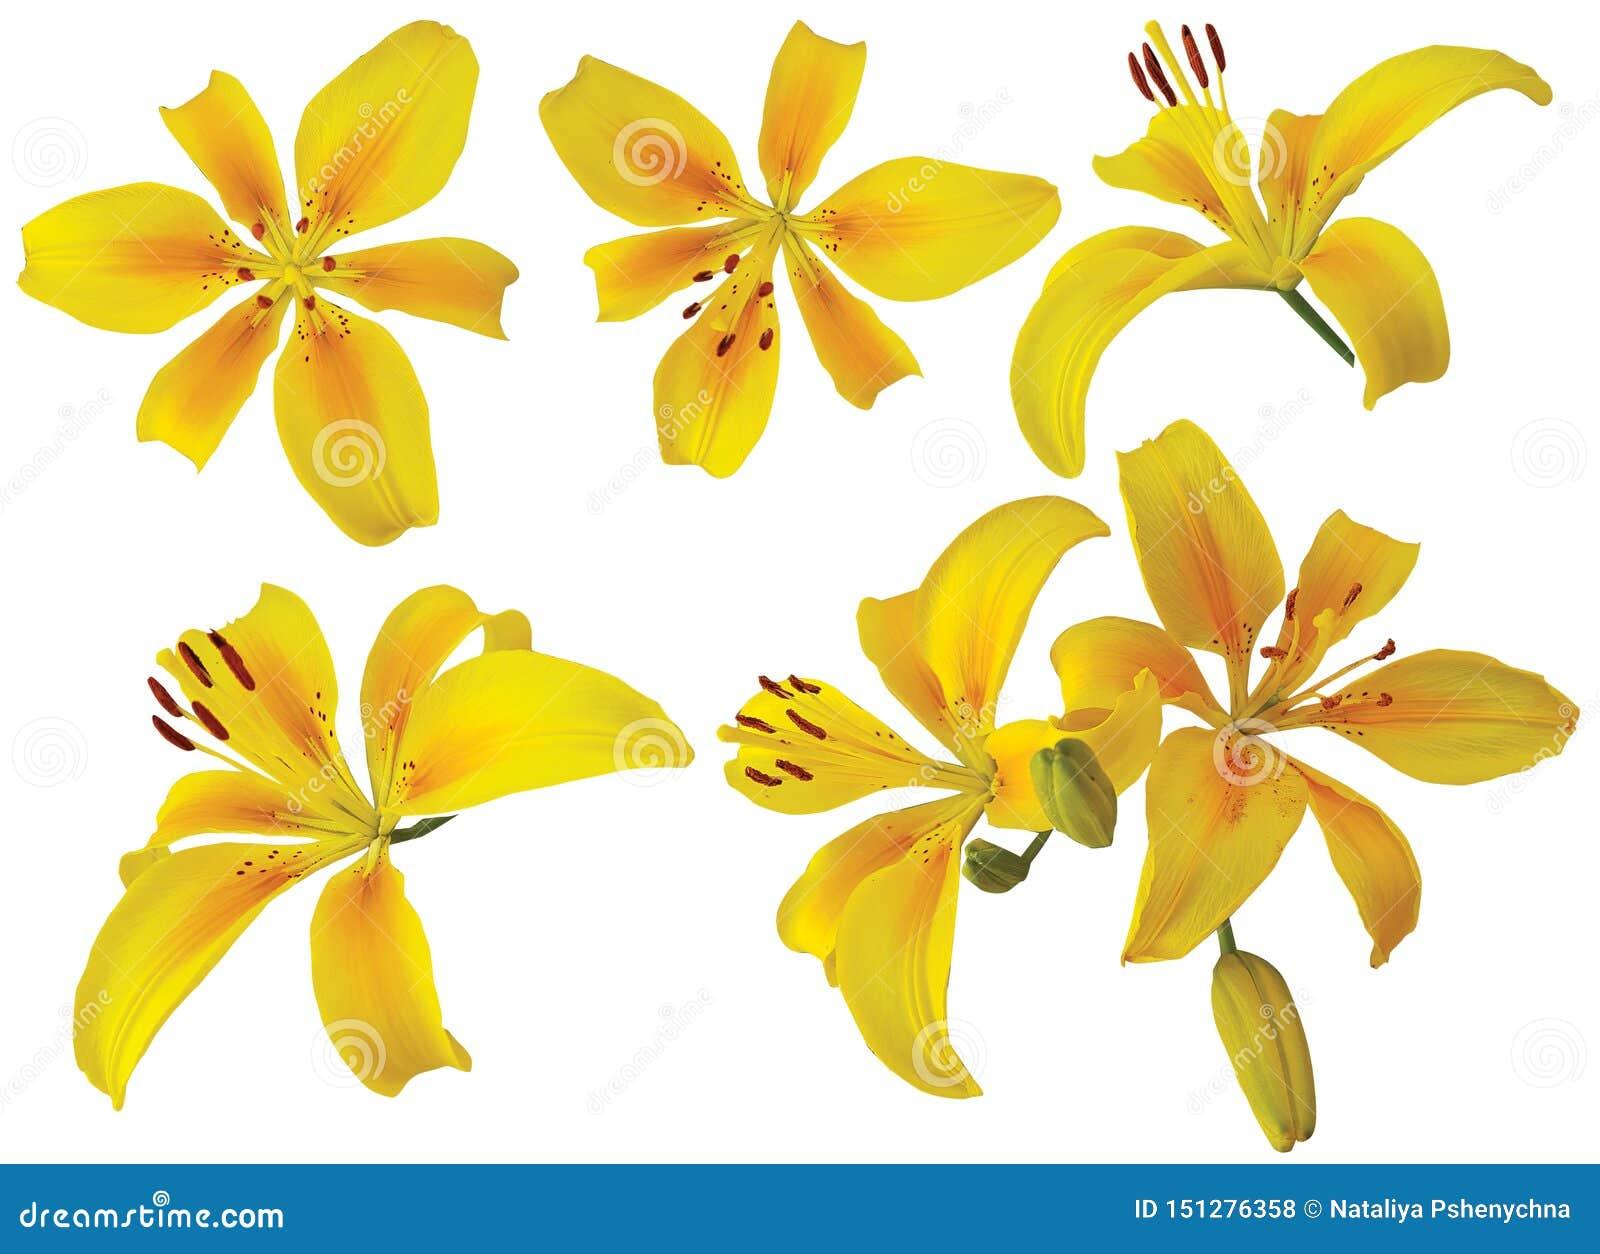 Enige gele leliebloemen op witte achtergrond